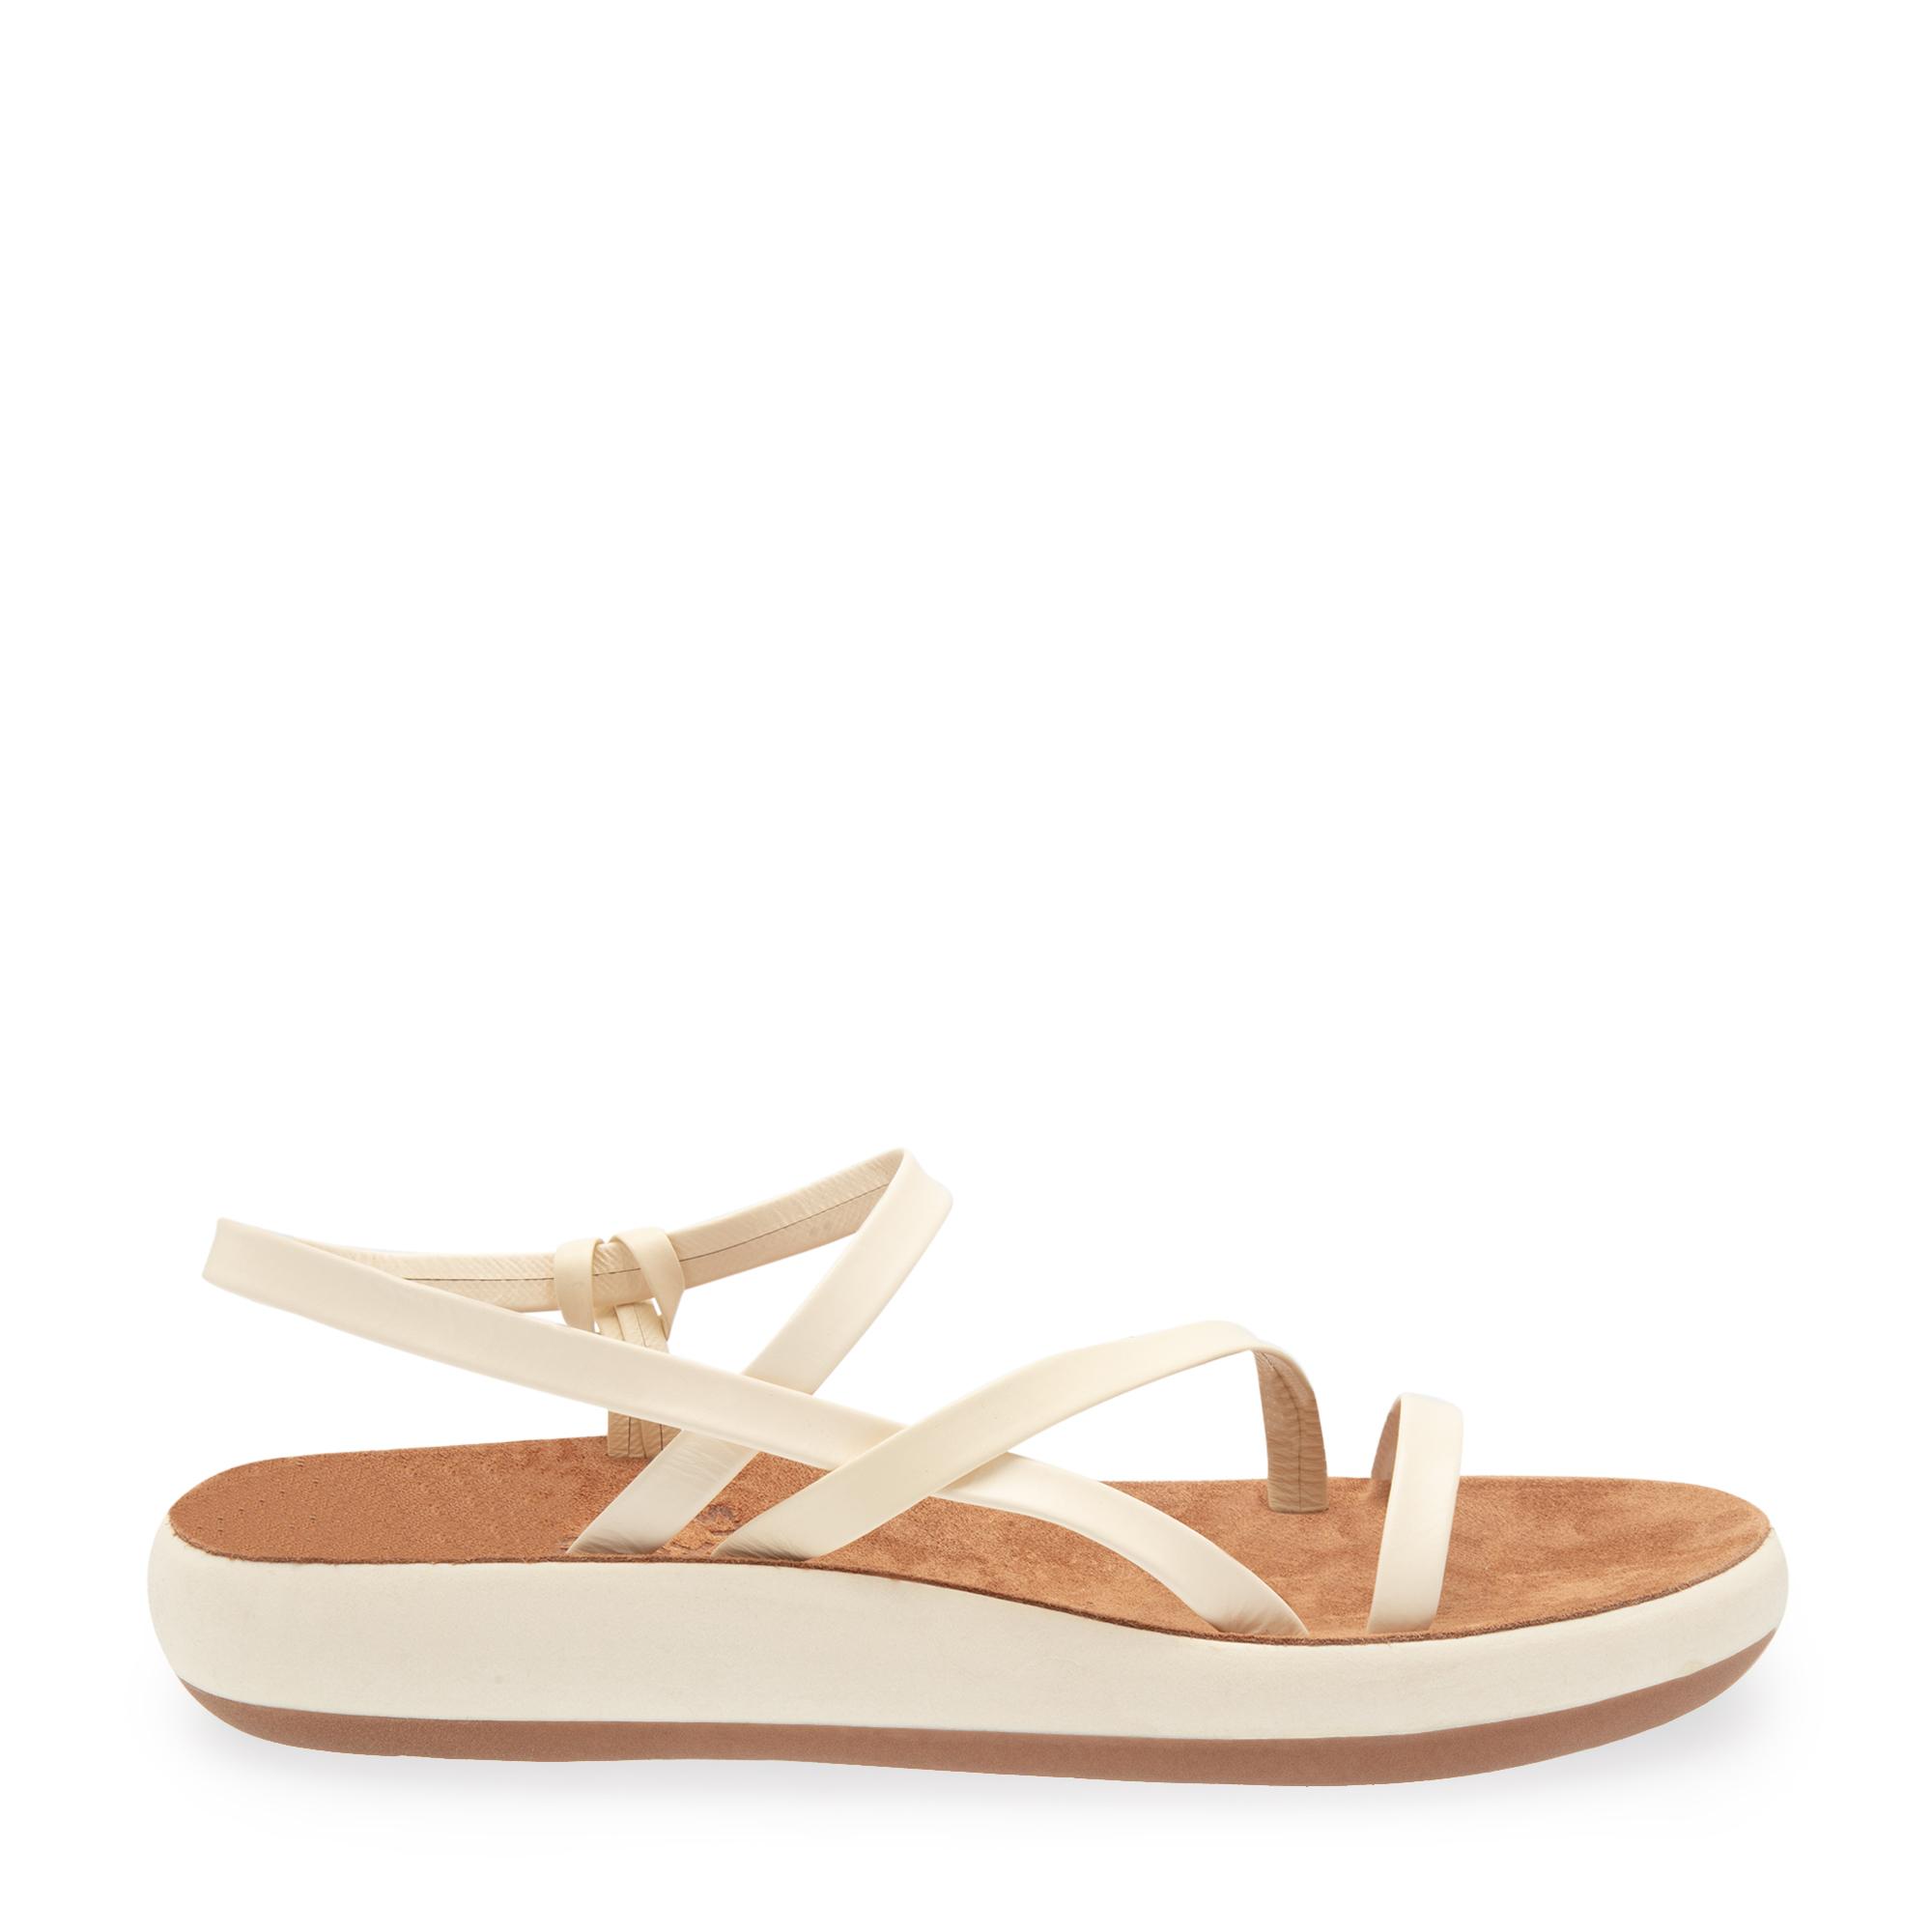 Dimitra sandals